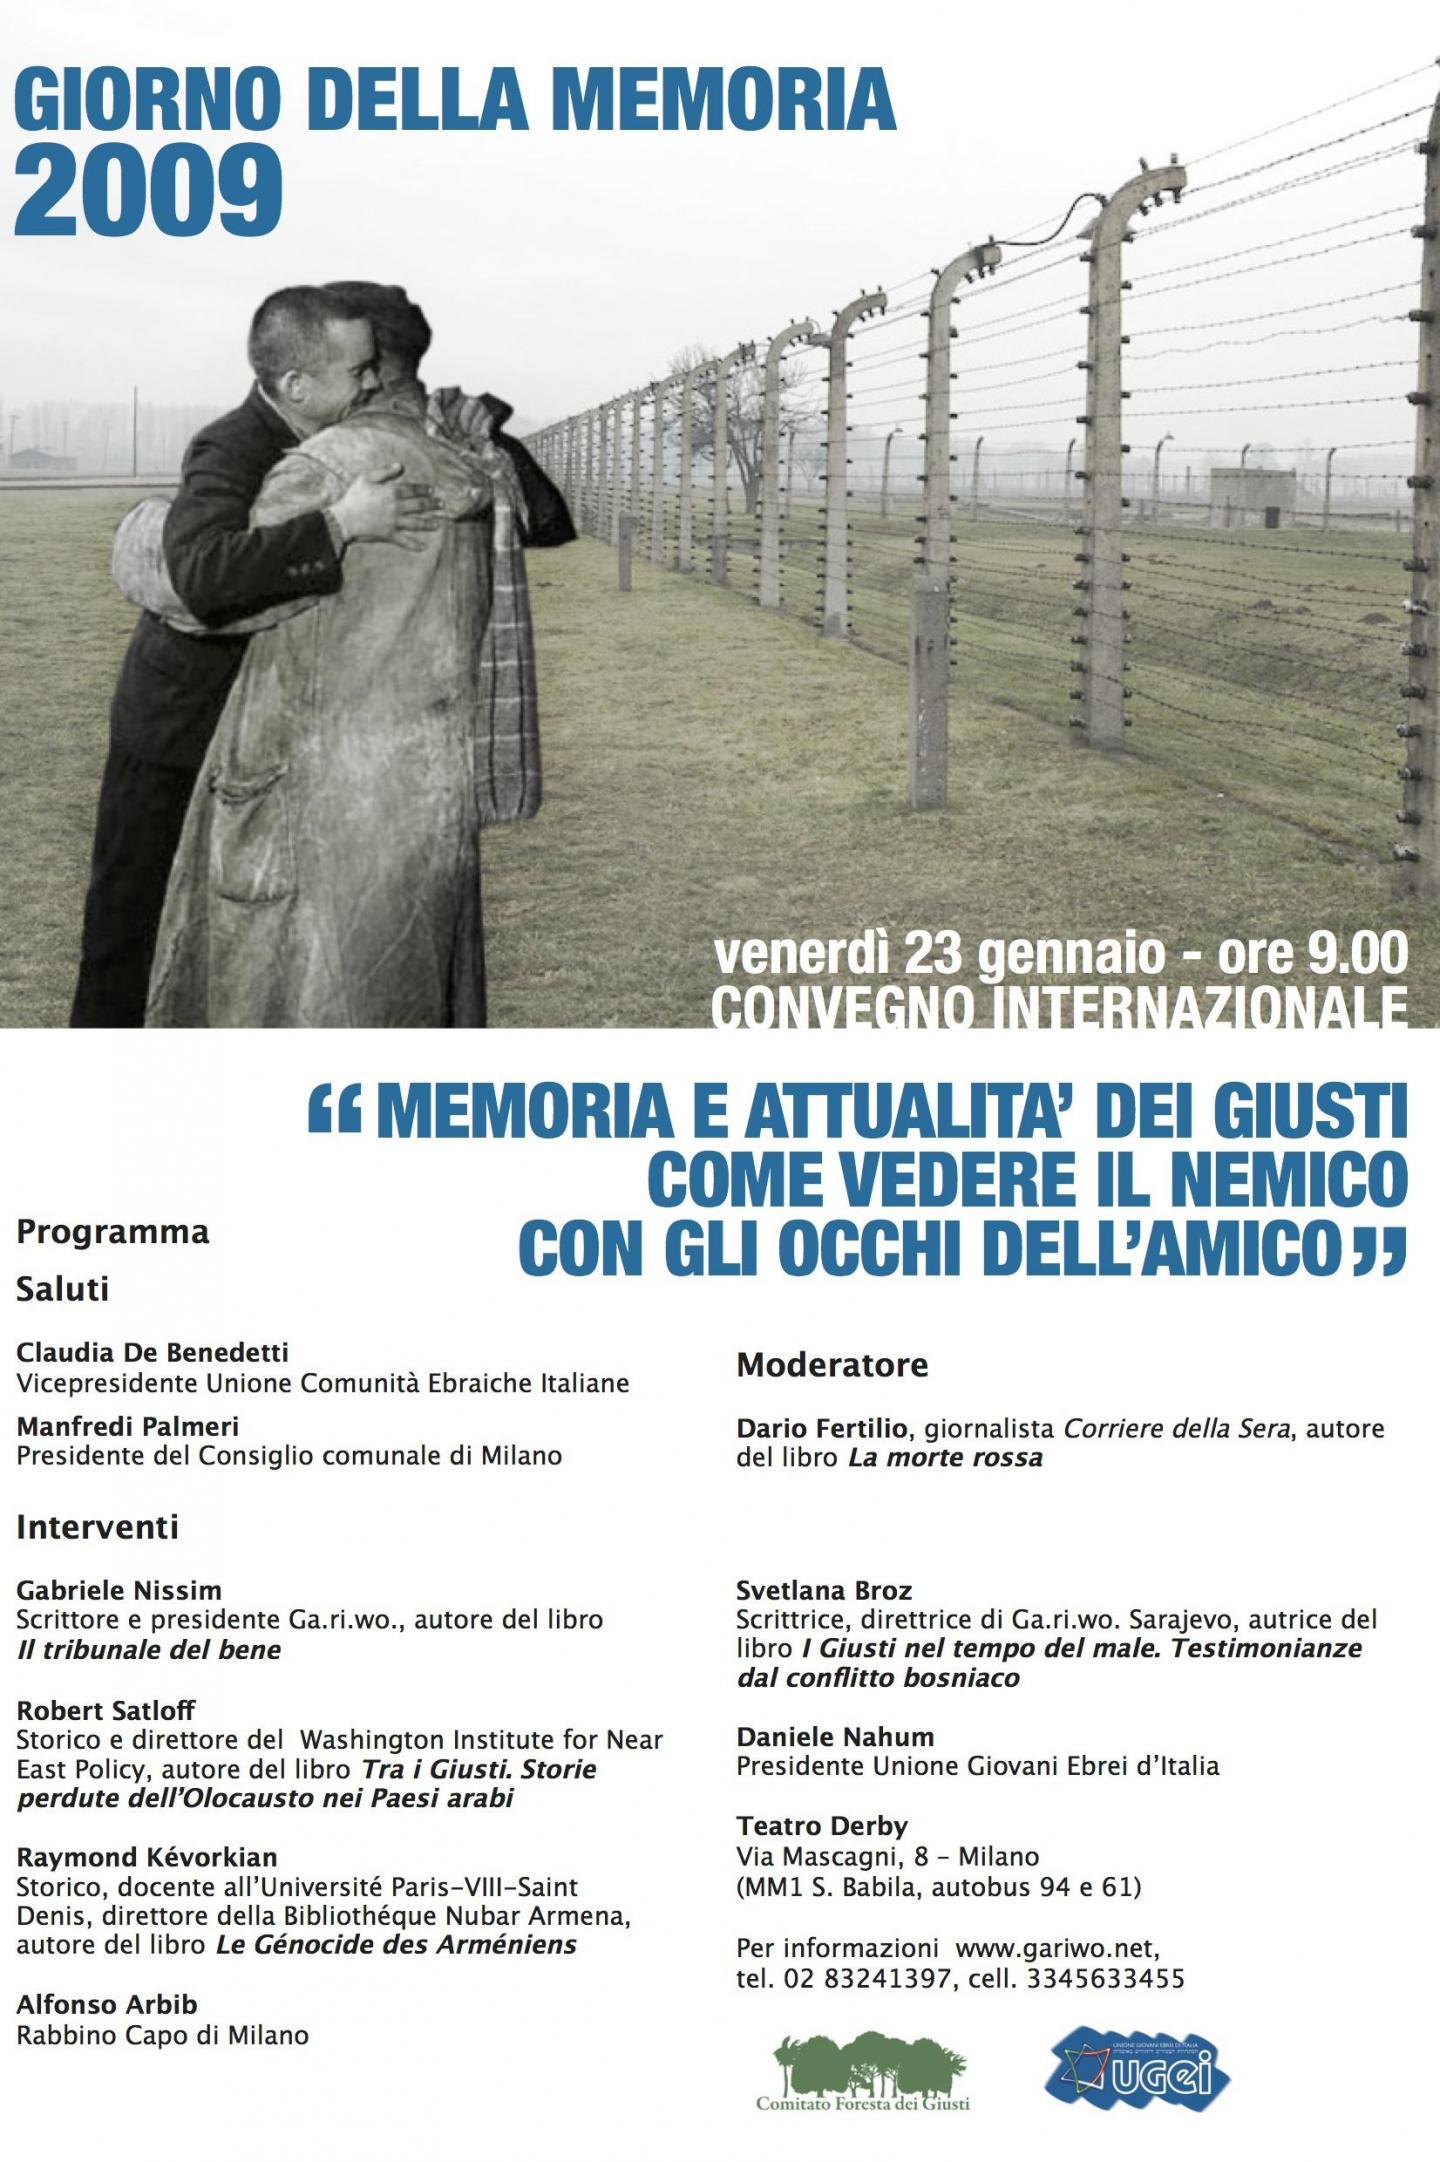 2009 - Convegno internazionale per il Giorno della Memoria